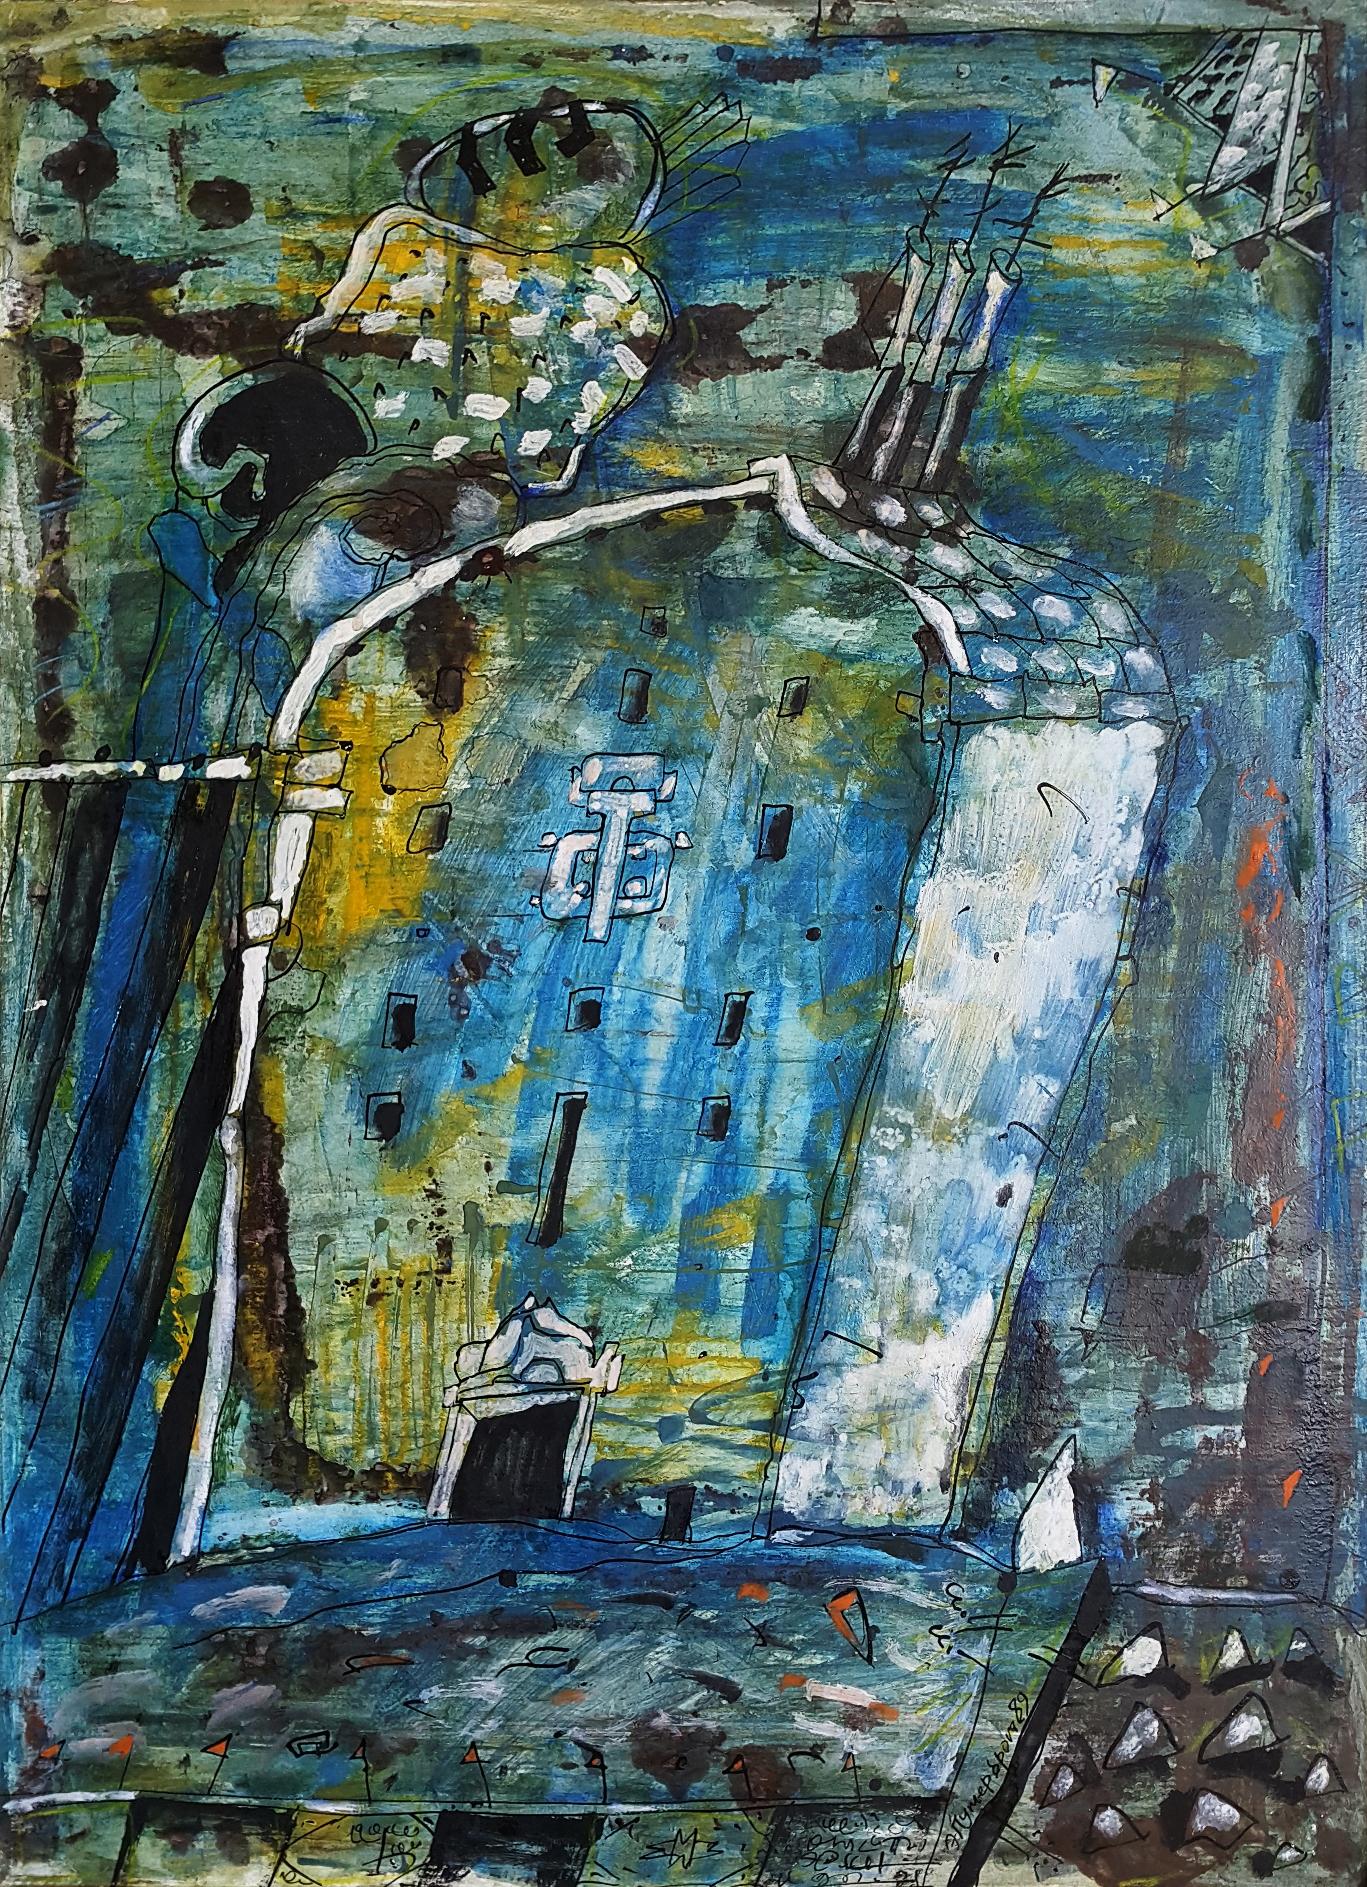 Эдуард Путерброт. Из серии Проповедь. 1991 г. Кртон, смешанная техника. 67х49 см Собственность Антона Путерброта.jpg